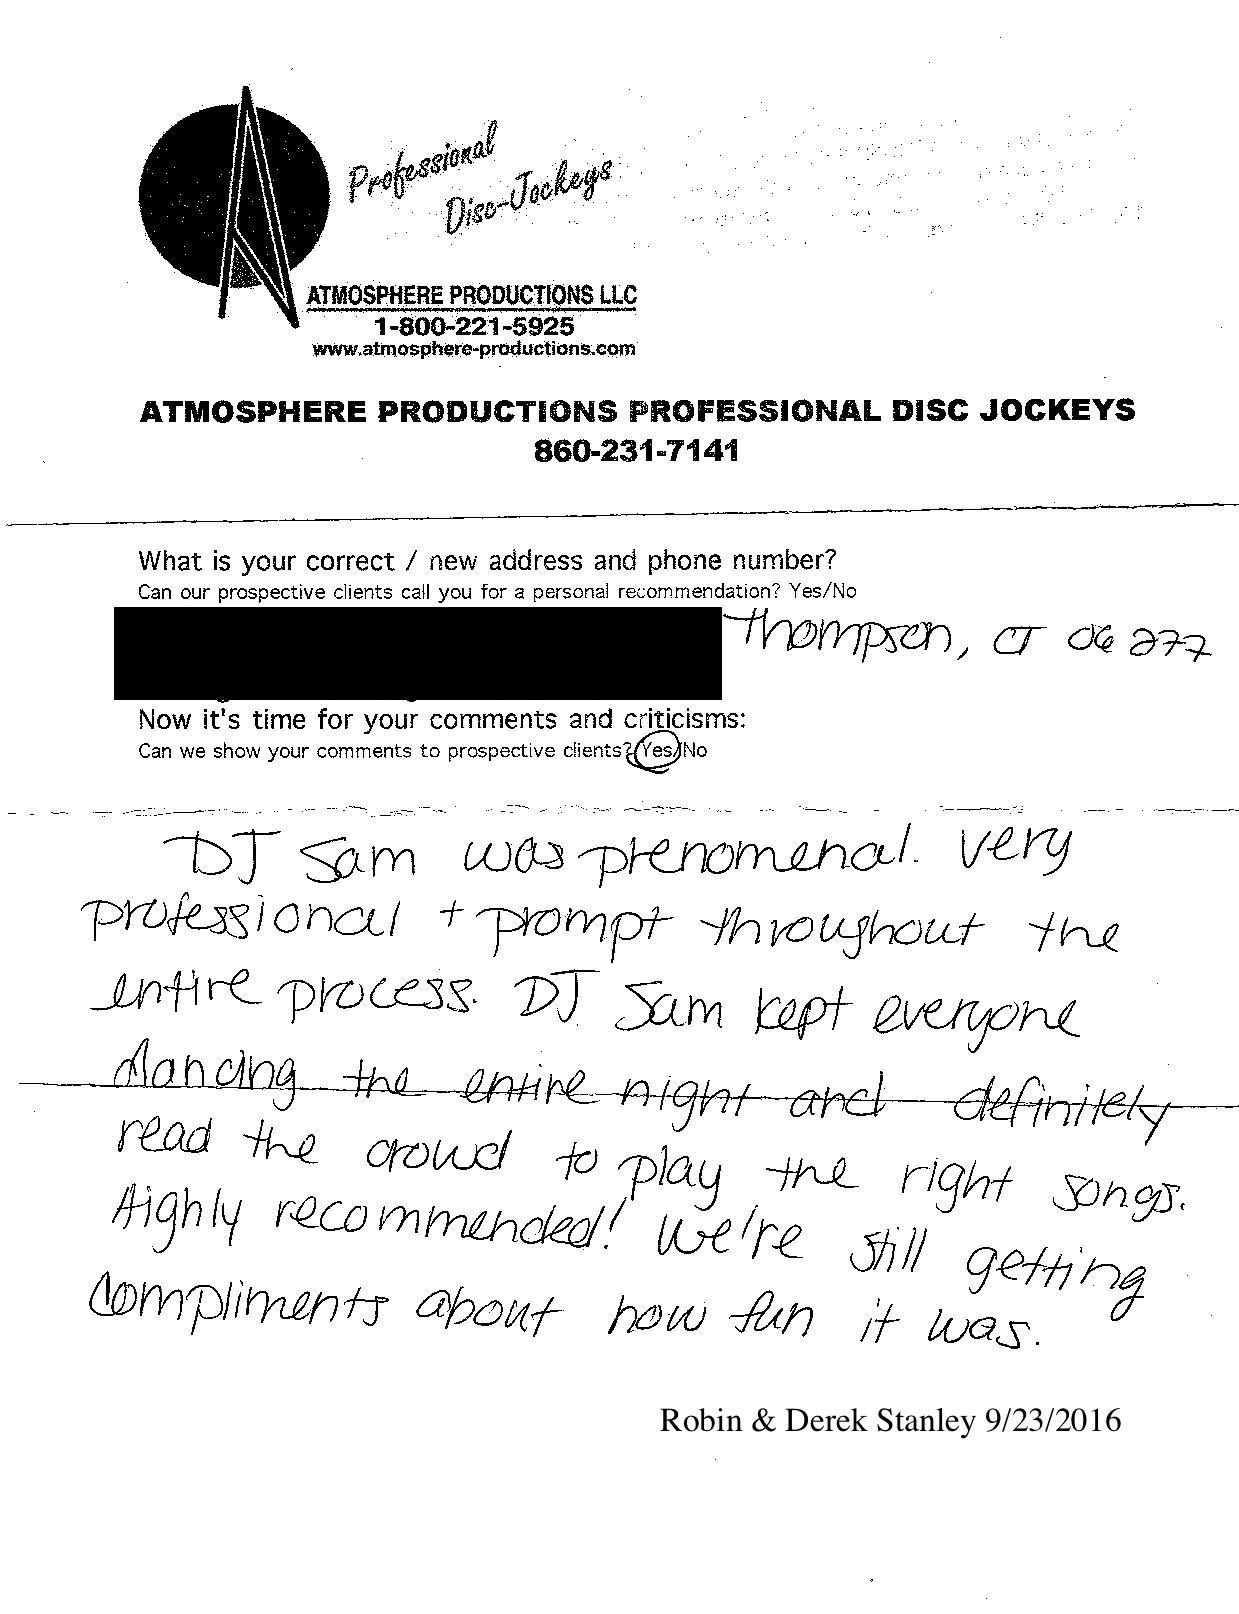 09 23 16 robin derek letter httpwwwatmosphere productionscom